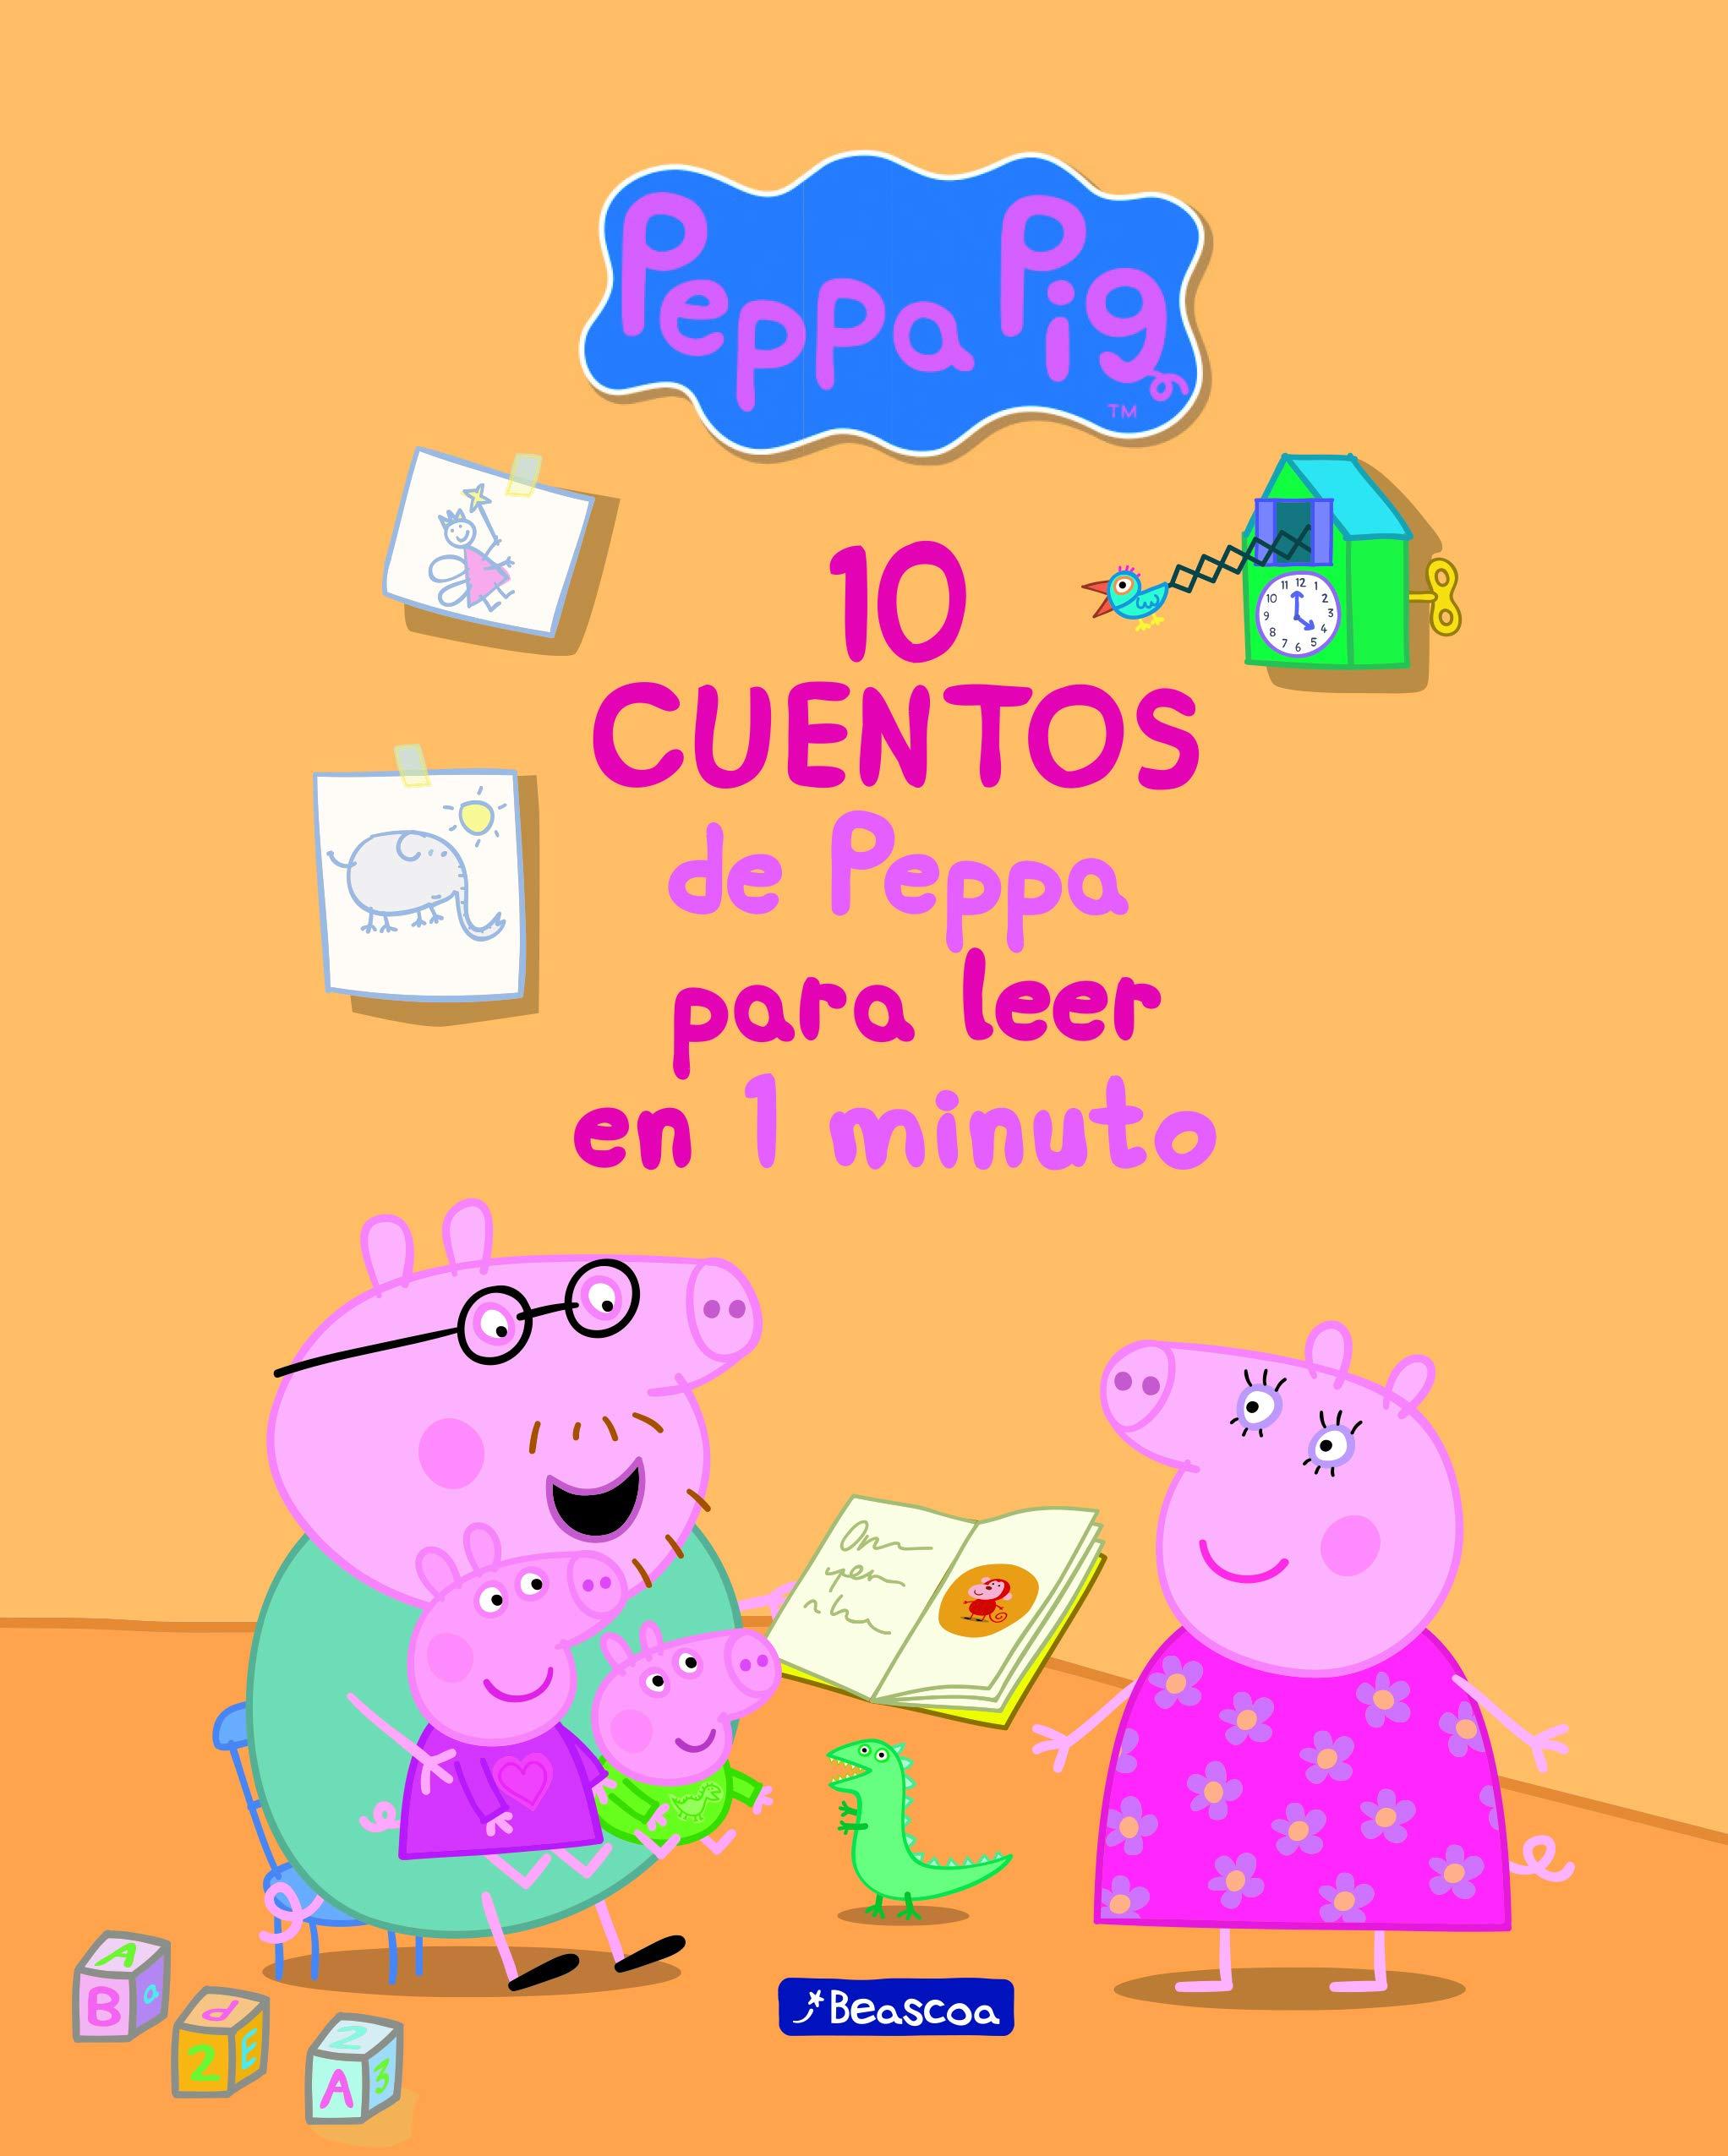 10 cuentos de Peppa para leer en 1 minuto Un cuento de Peppa Pig: Amazon.es: Varios autores, MAGELA RONDA;: Libros